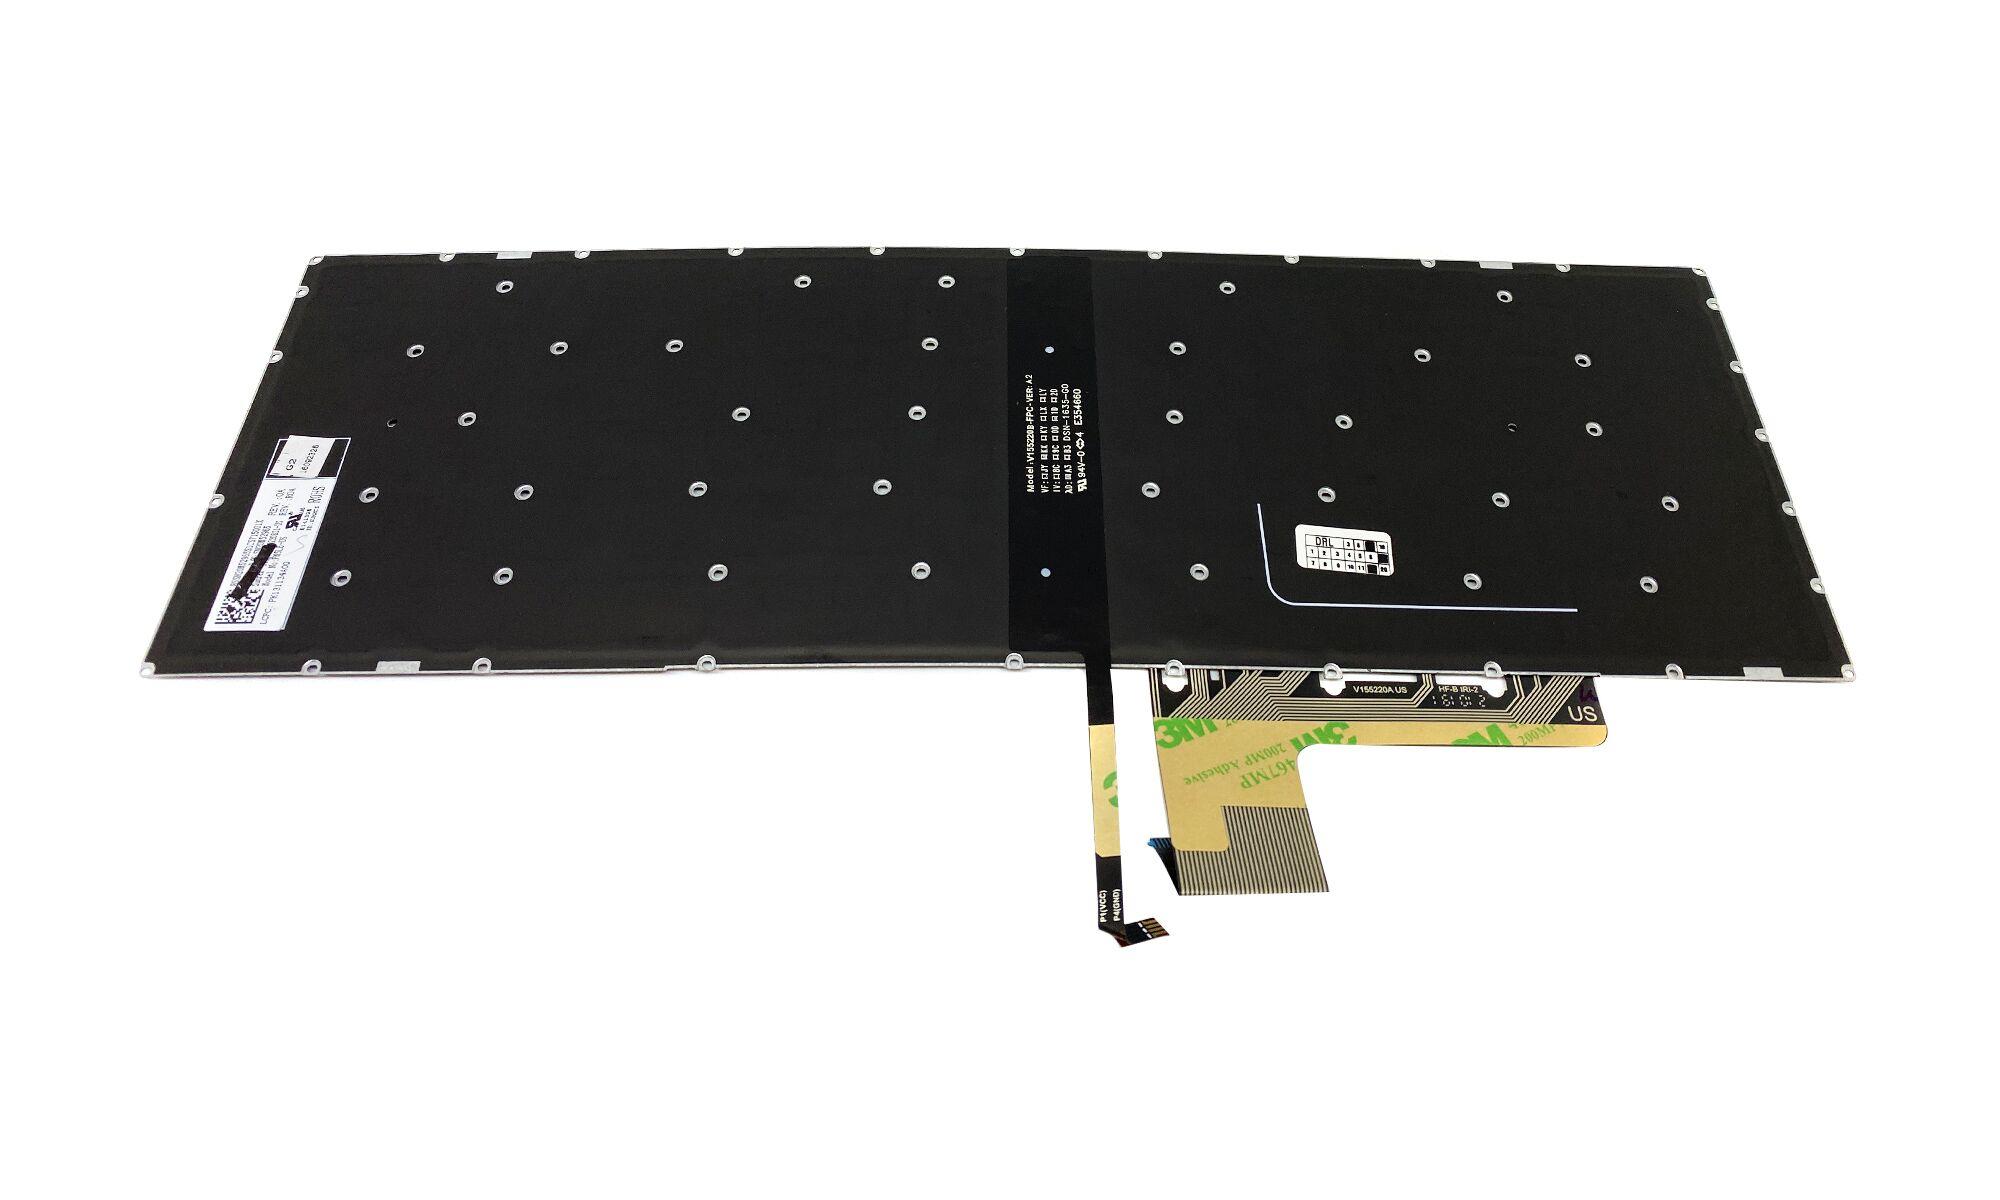 Tastatura compatibila laptop Lenovo V310-15IKB, V310-15ISK, iluminata, Standard US, model SN20M52965